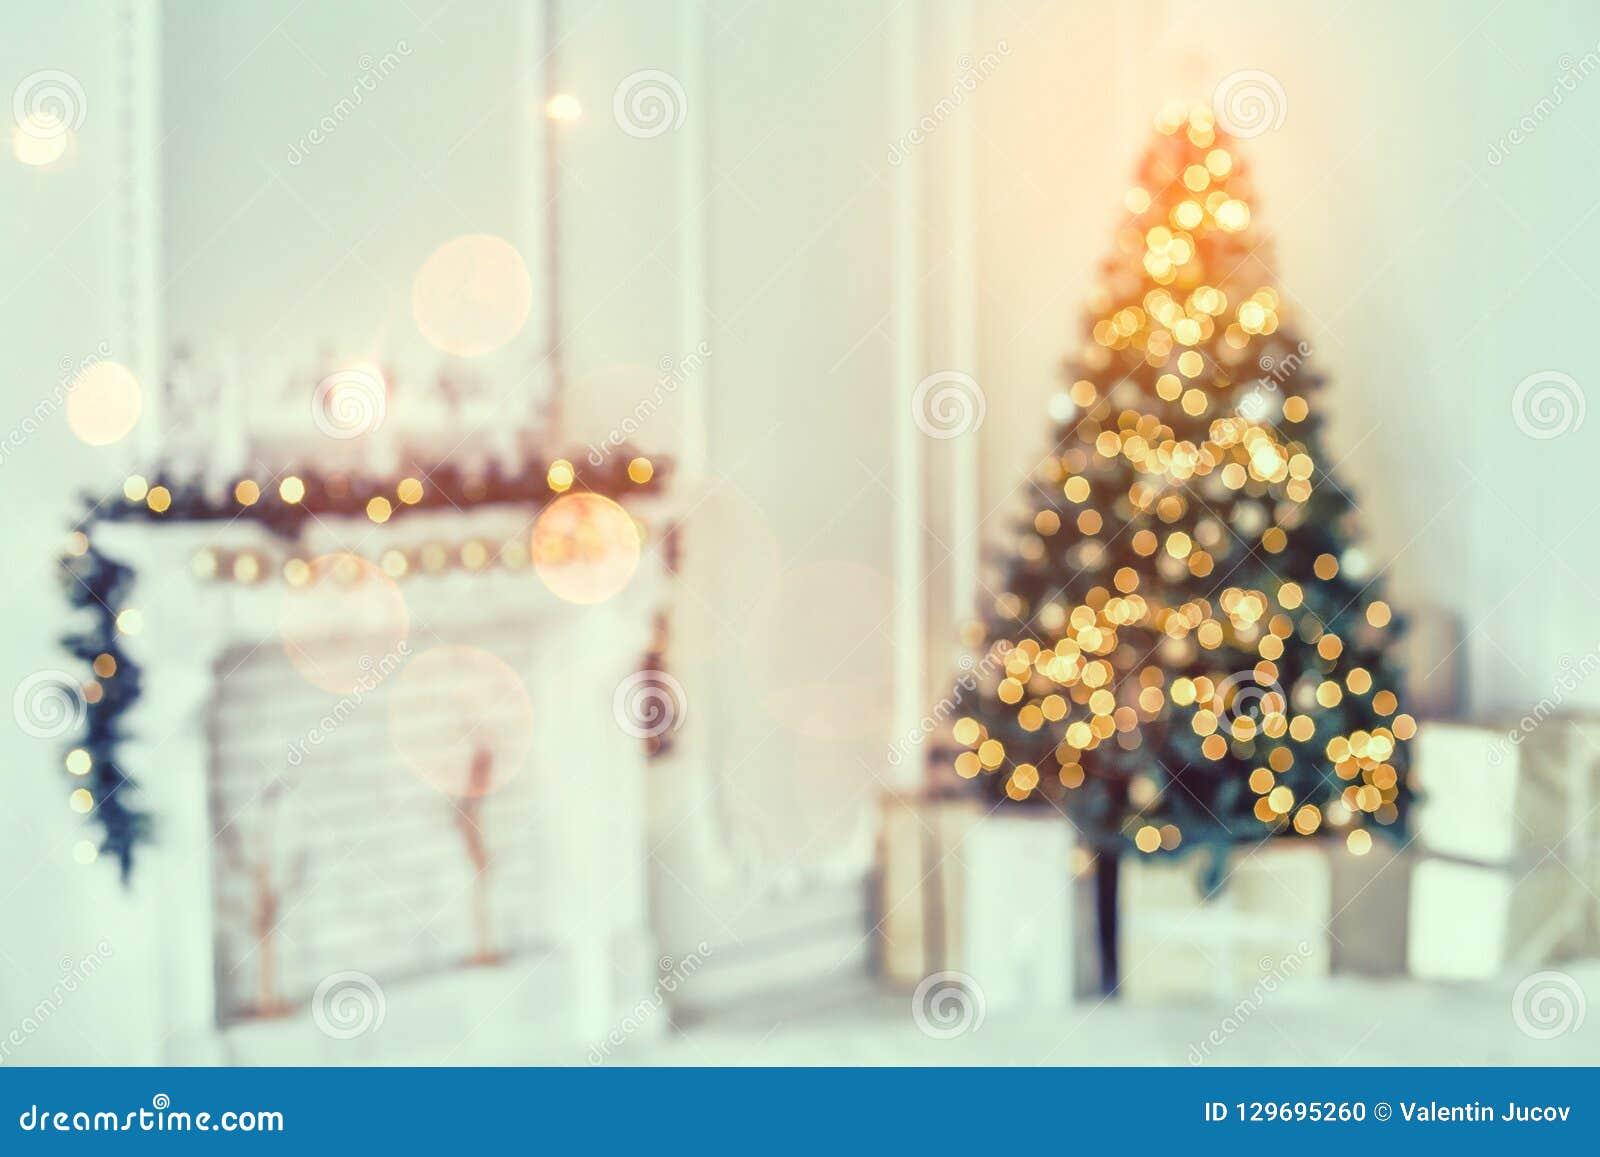 Ferie dekorerade rum med julgranen och garnering, bakgrund med suddigt och att gristra, glödande ljus